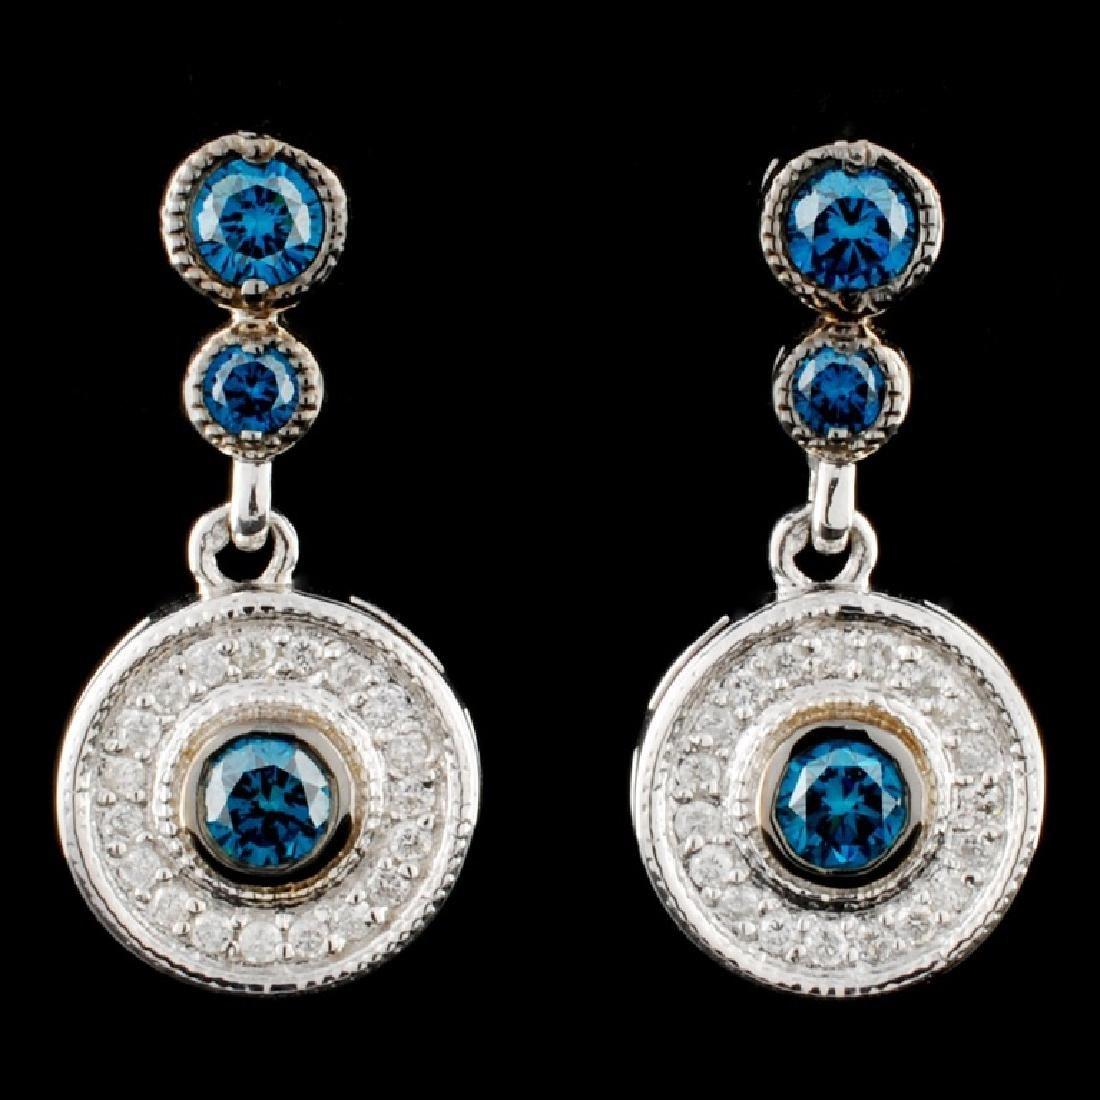 14K Gold 0.88ctw Fancy Diamond Earrings